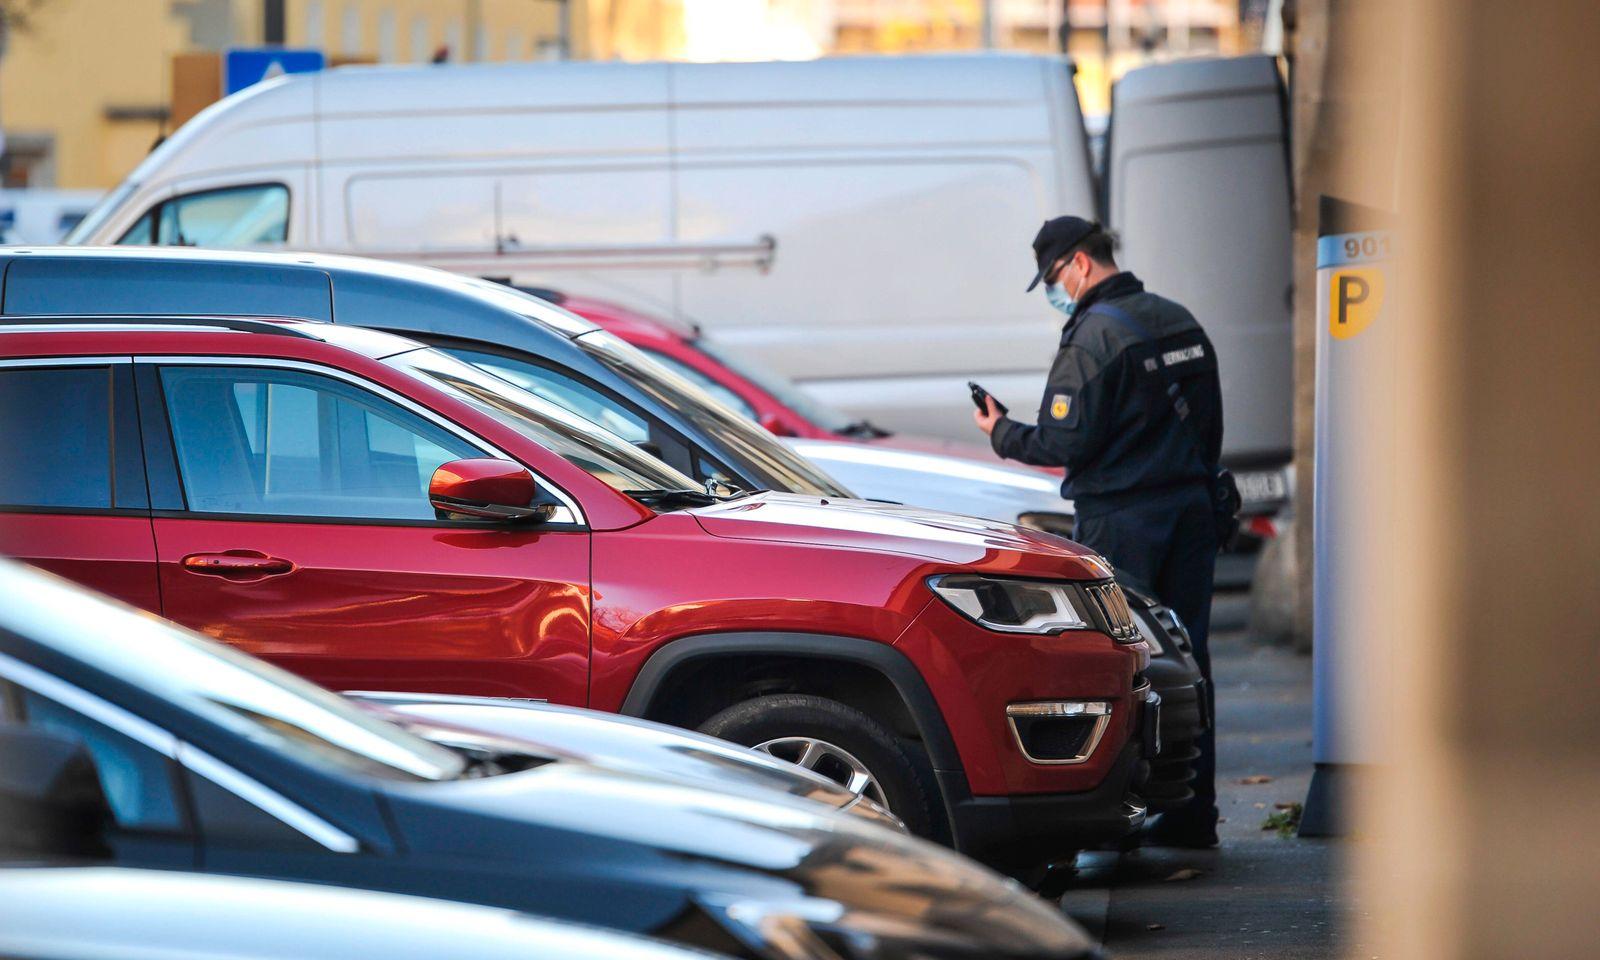 Pakplatzmangel in Stuttgart. Parken in der Landeshauptstadt. Fotos zum Thema steigende Parkkosten und mangelnde Parkmoeg